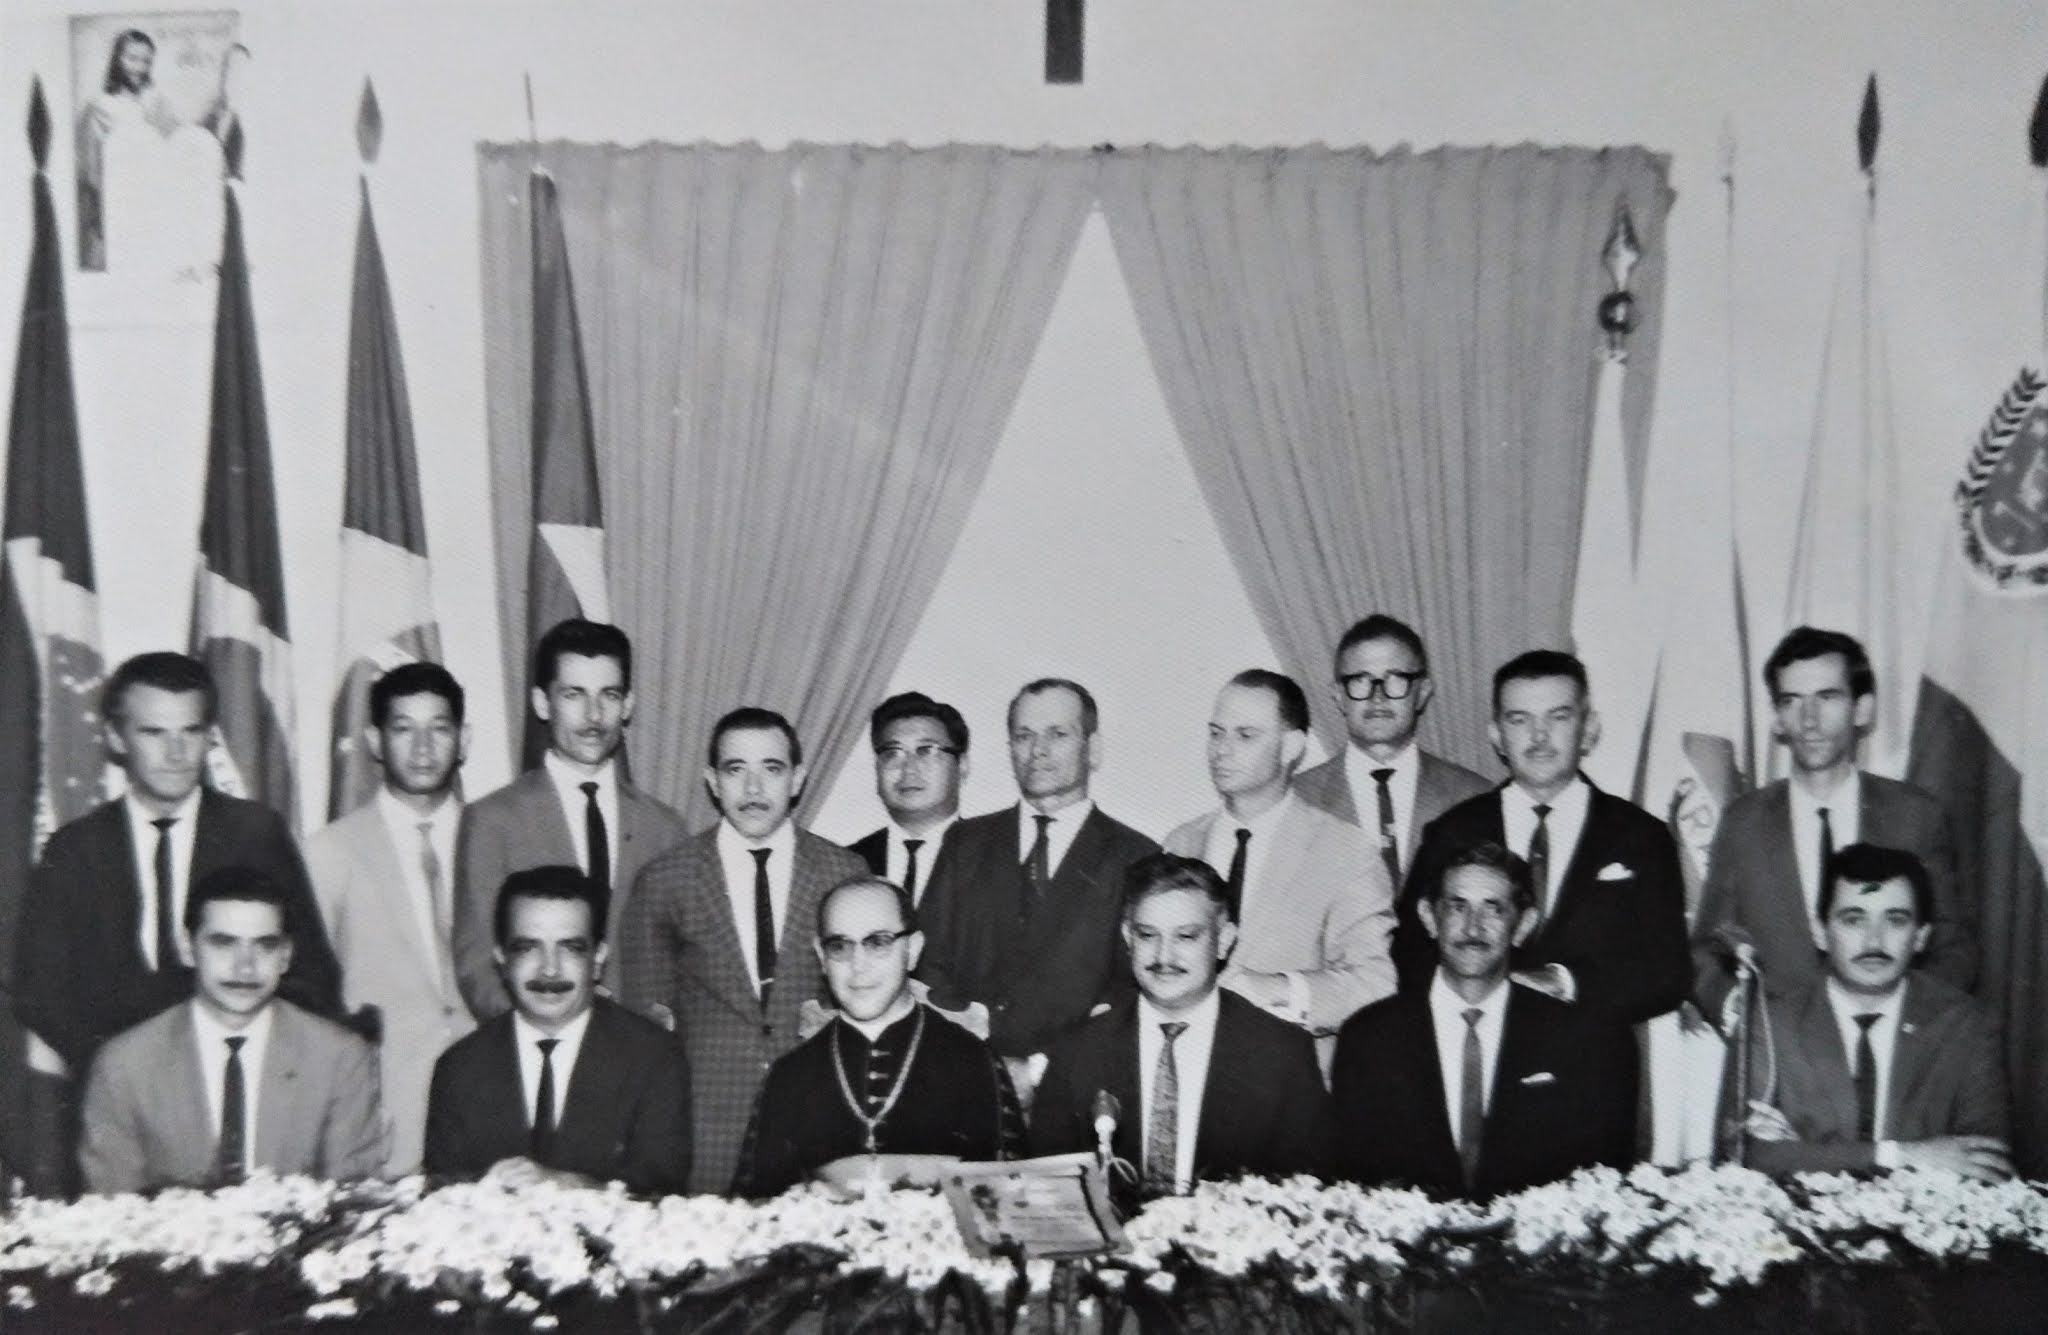 Vereadores, prefeito e bispo de Maringá - Anos 1960